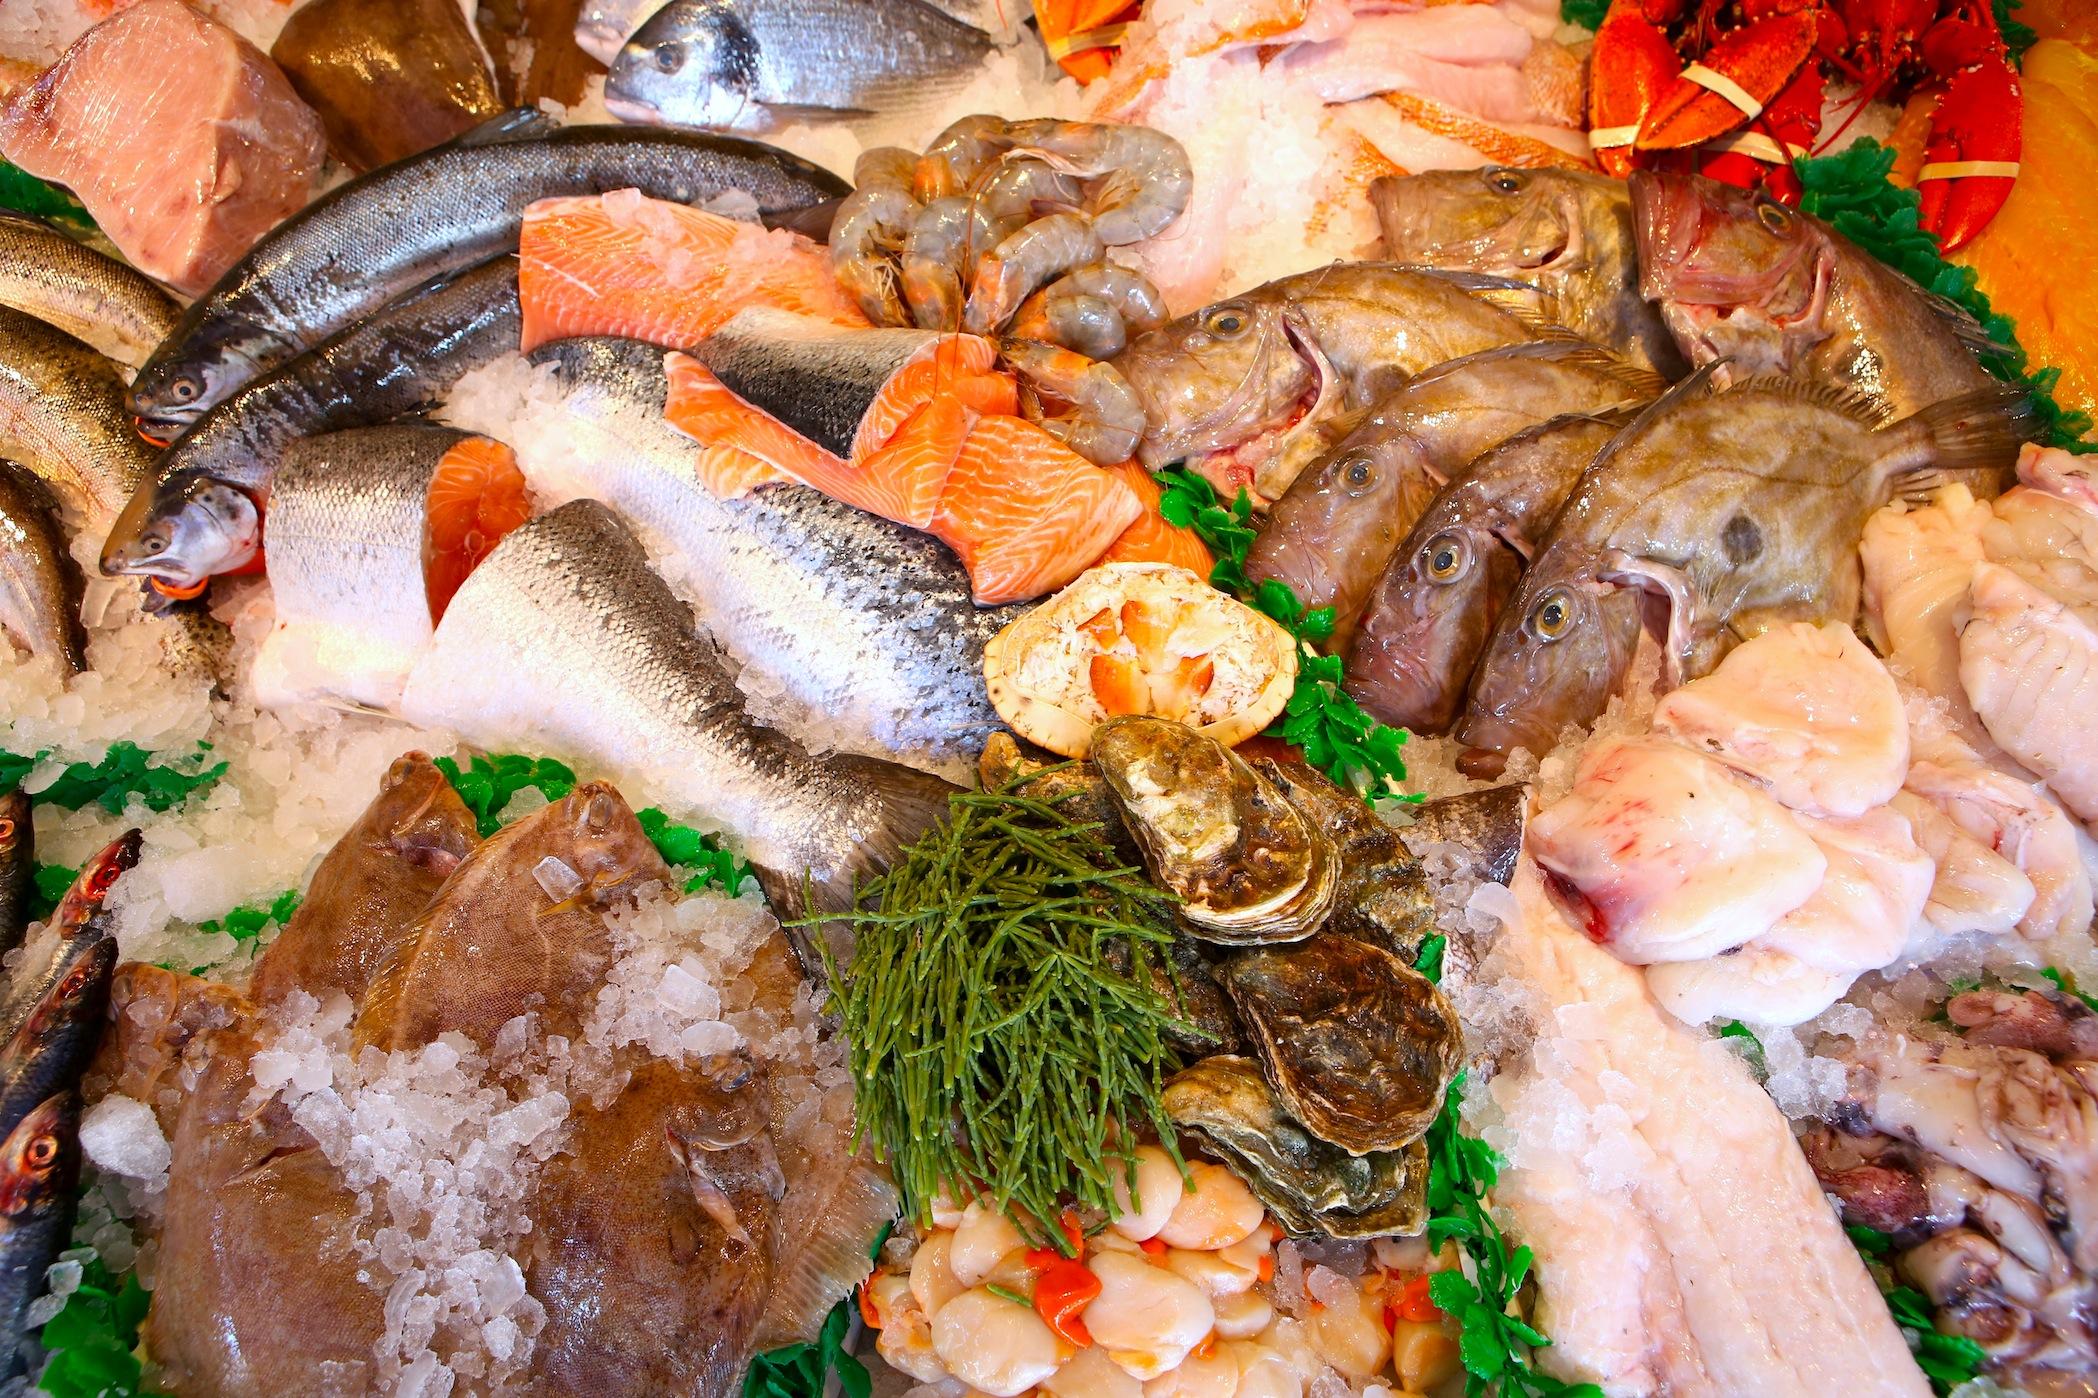 Hobbs Fishmongers2